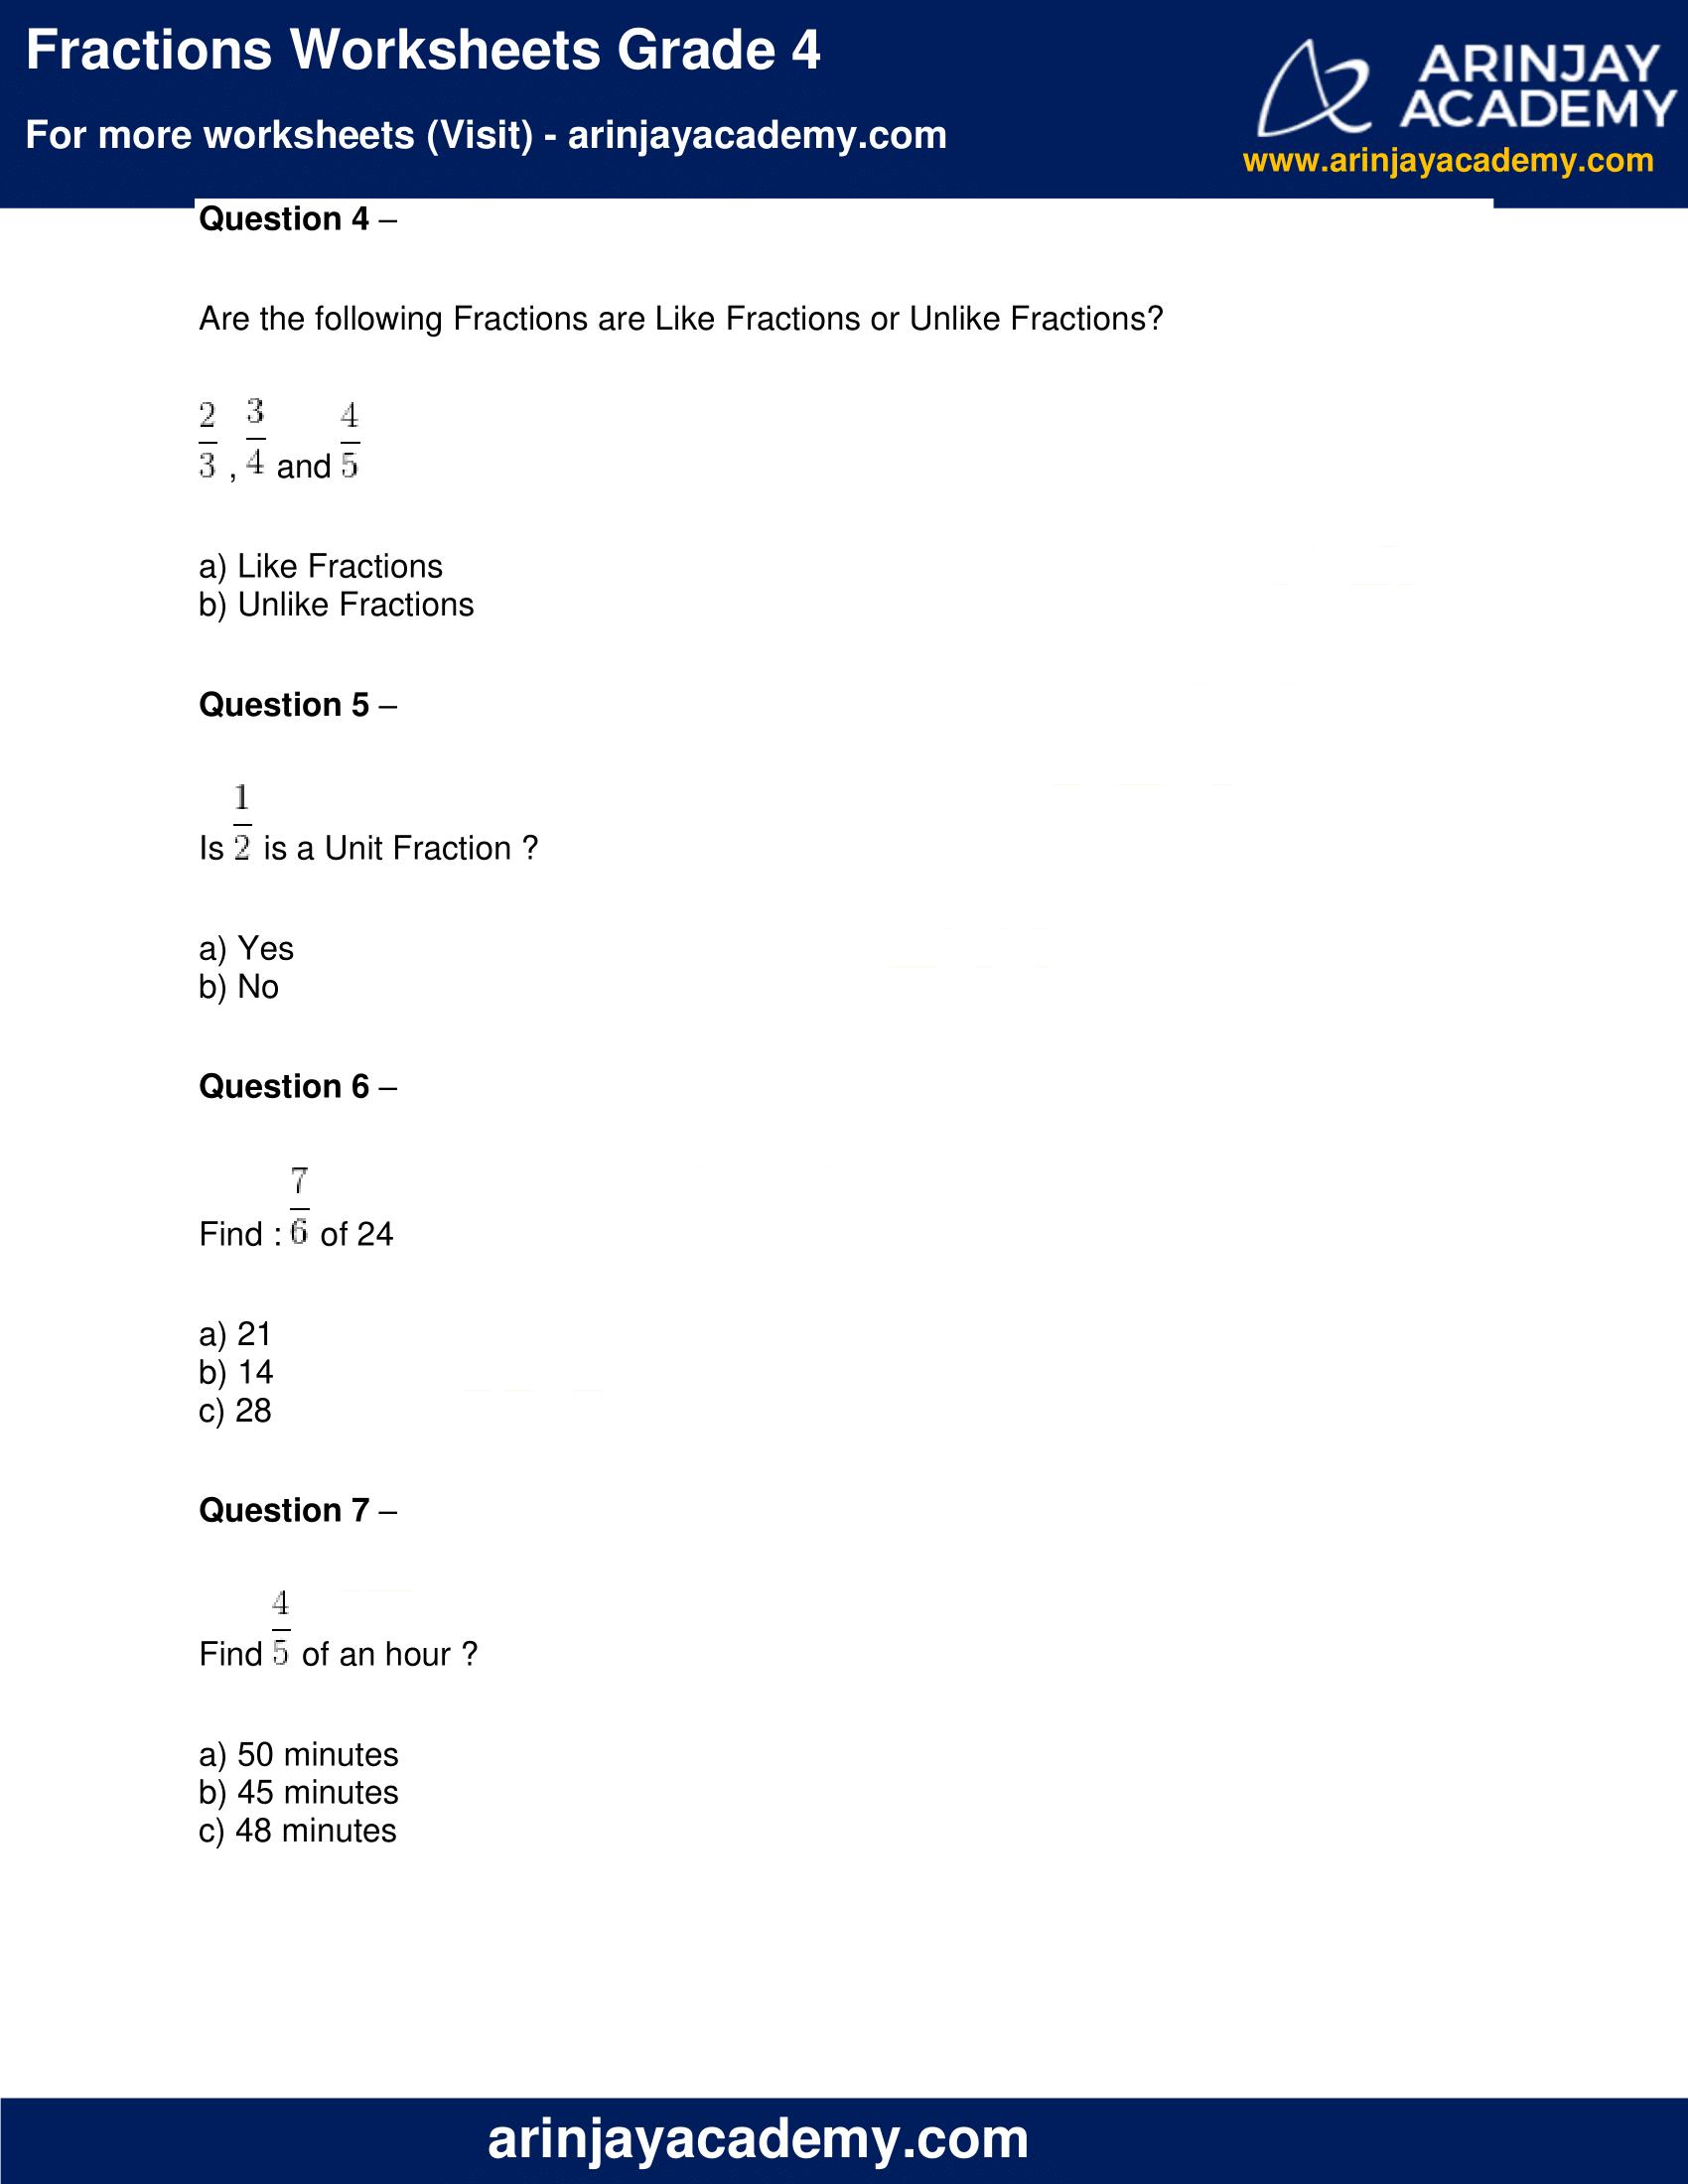 Fractions Worksheets Grade 4 image 2